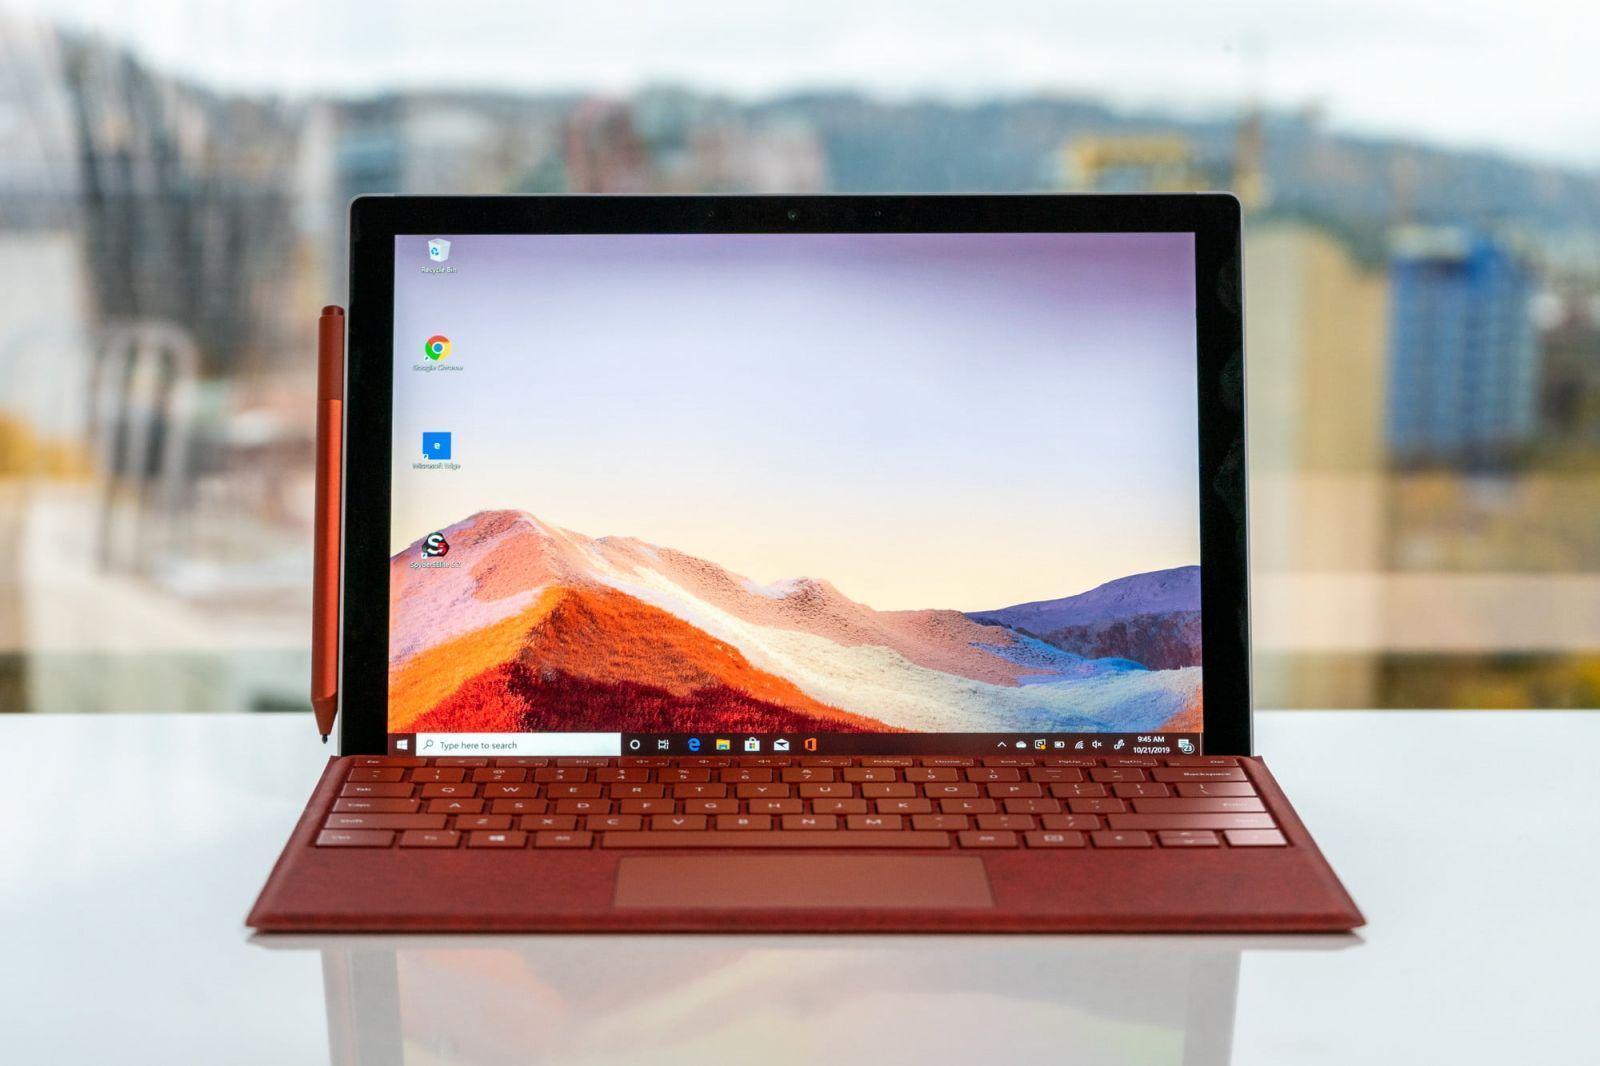 Microsoft советует пользователям Windows 7 купить новый ПК (microsoftsurfacepro7 7)